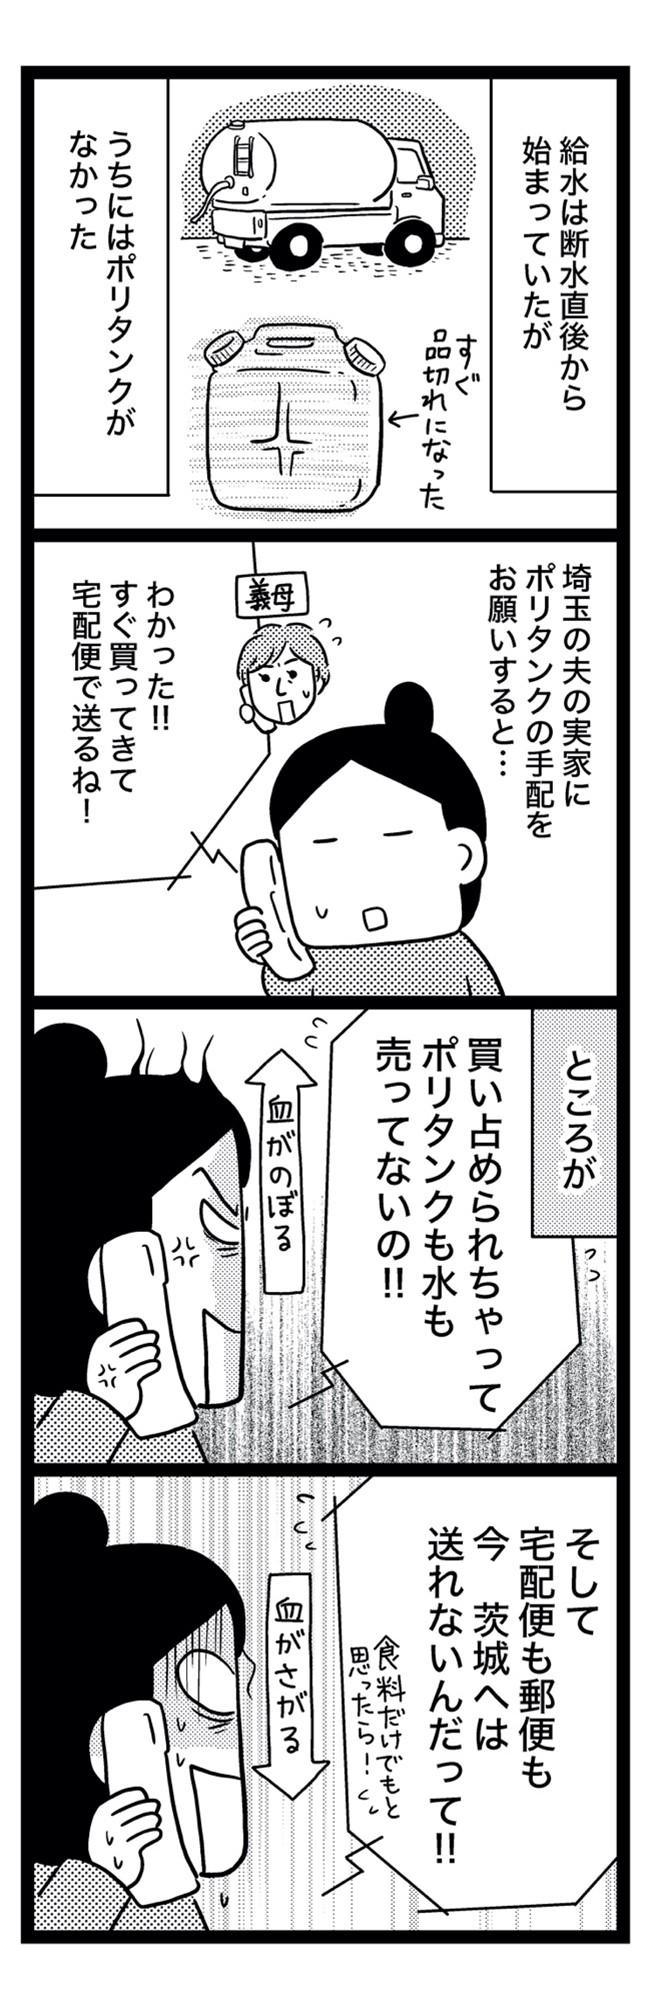 sinsai2-7